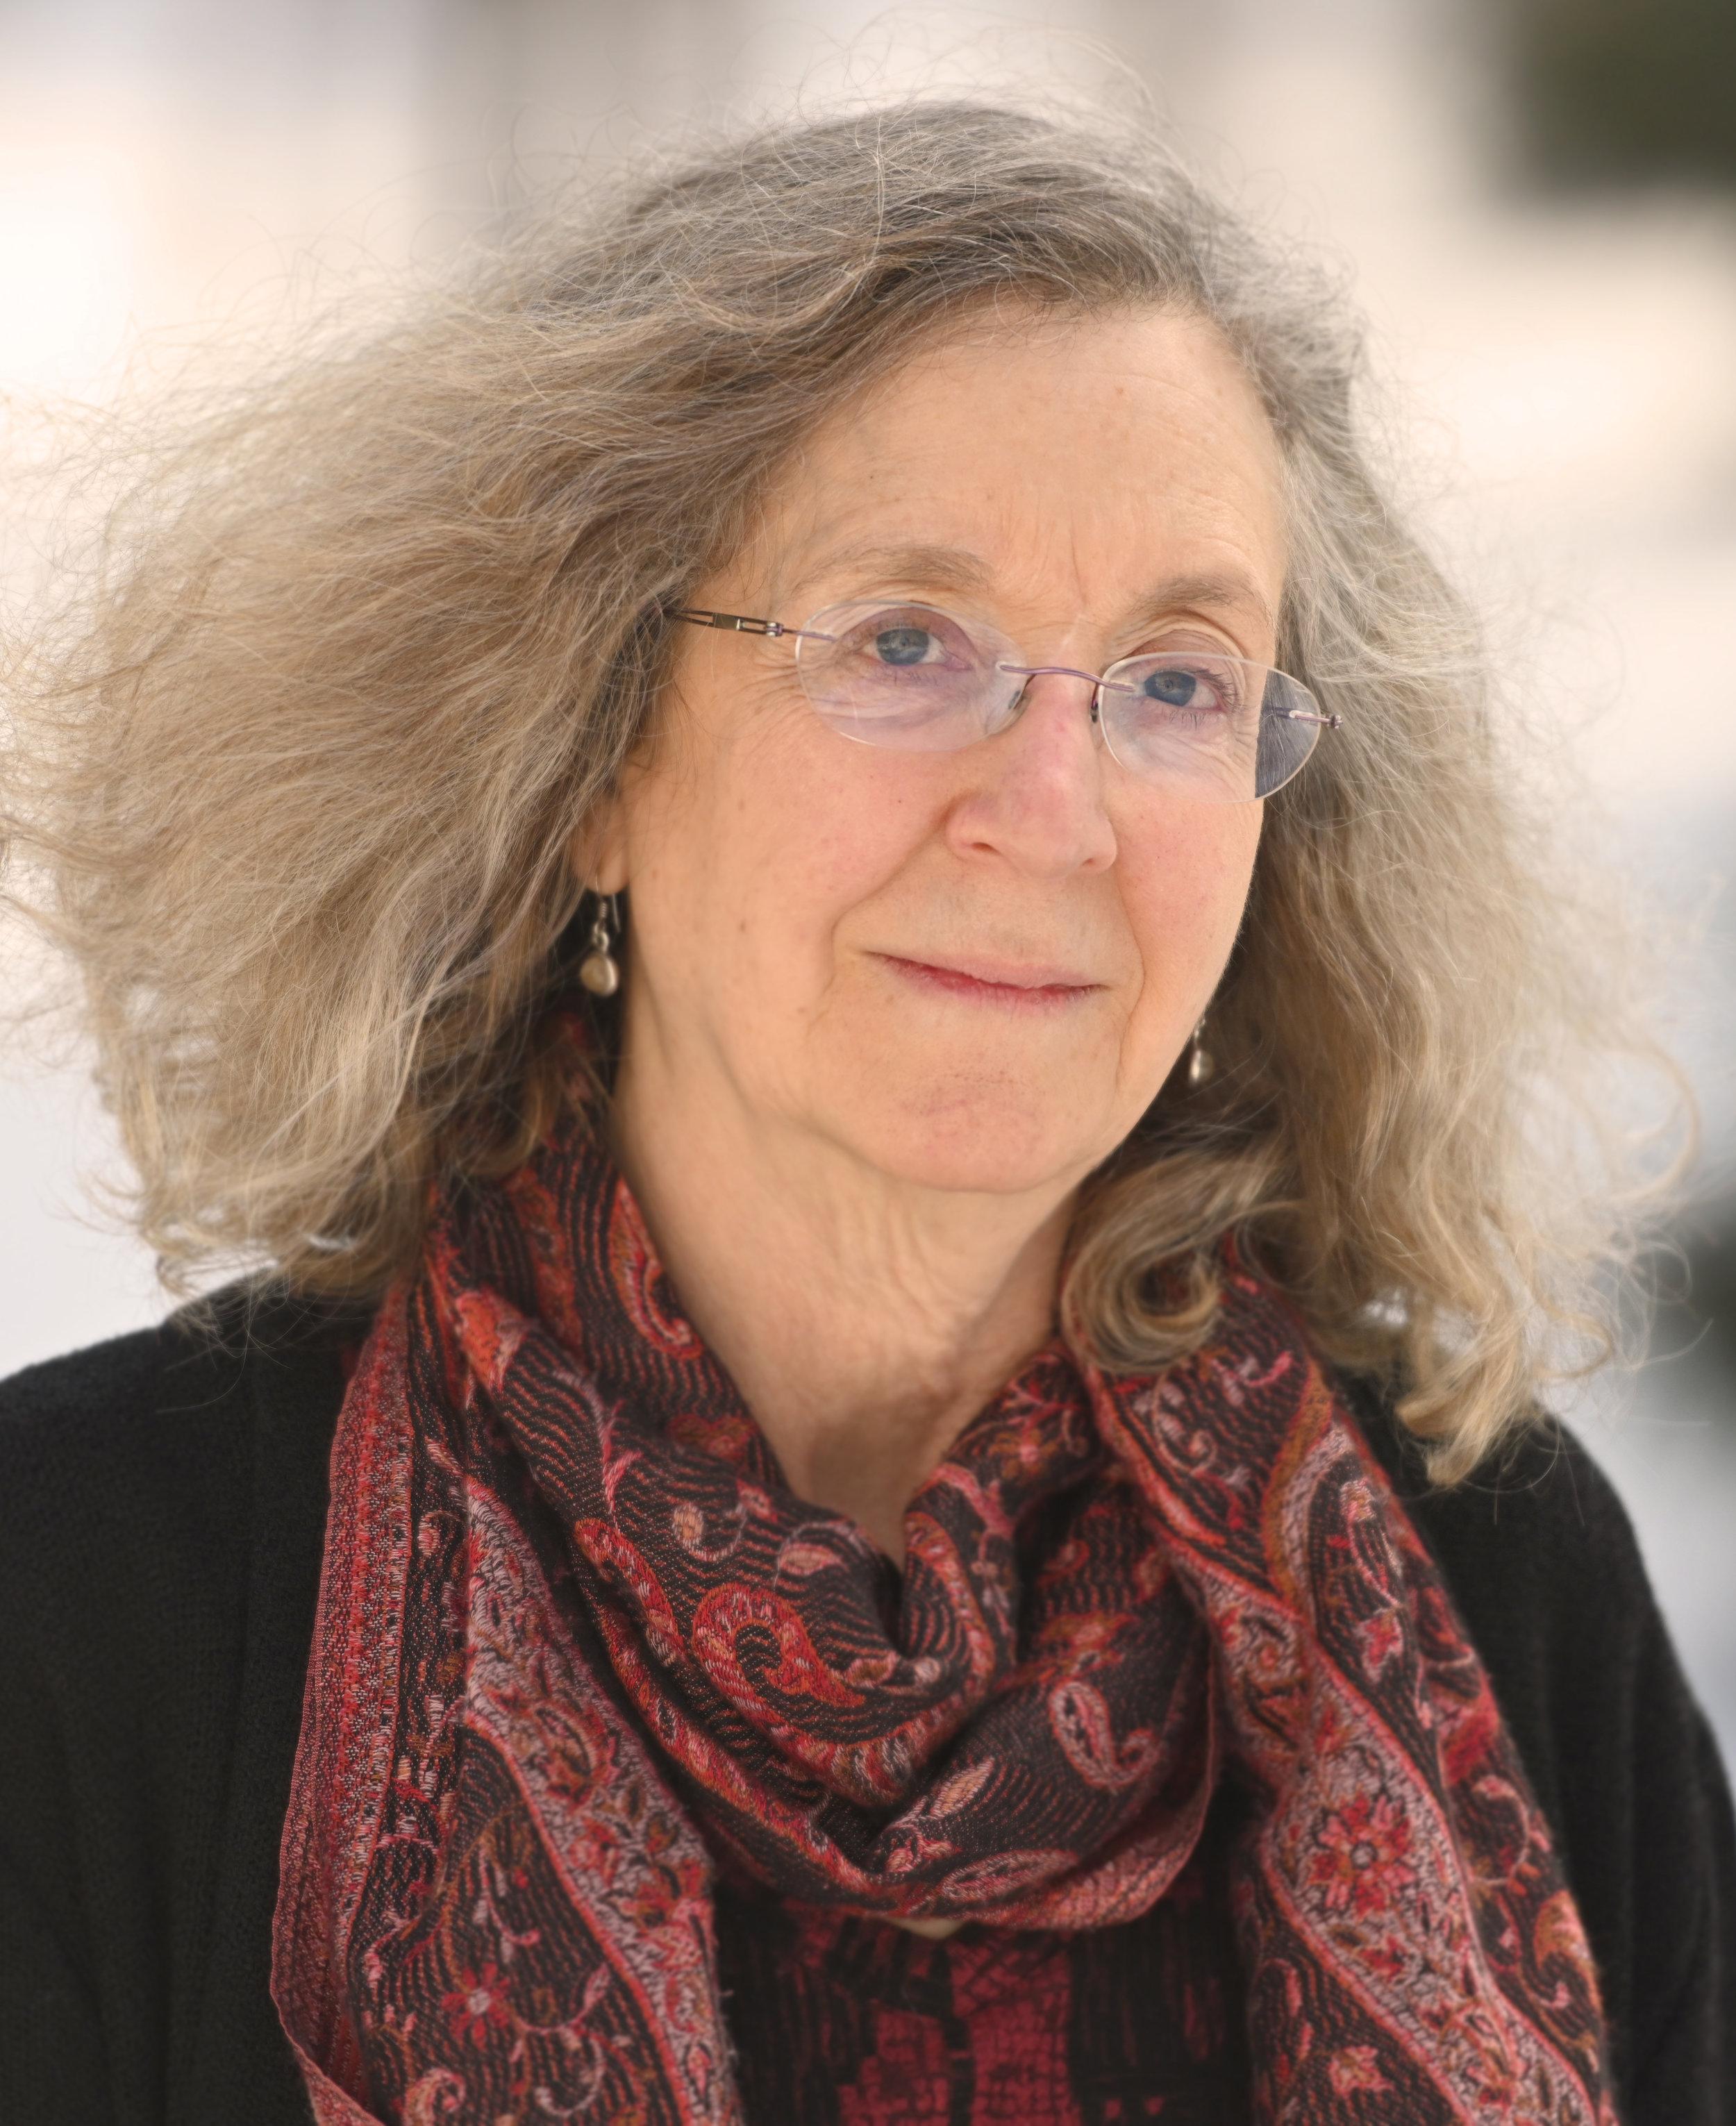 Susan Rieder